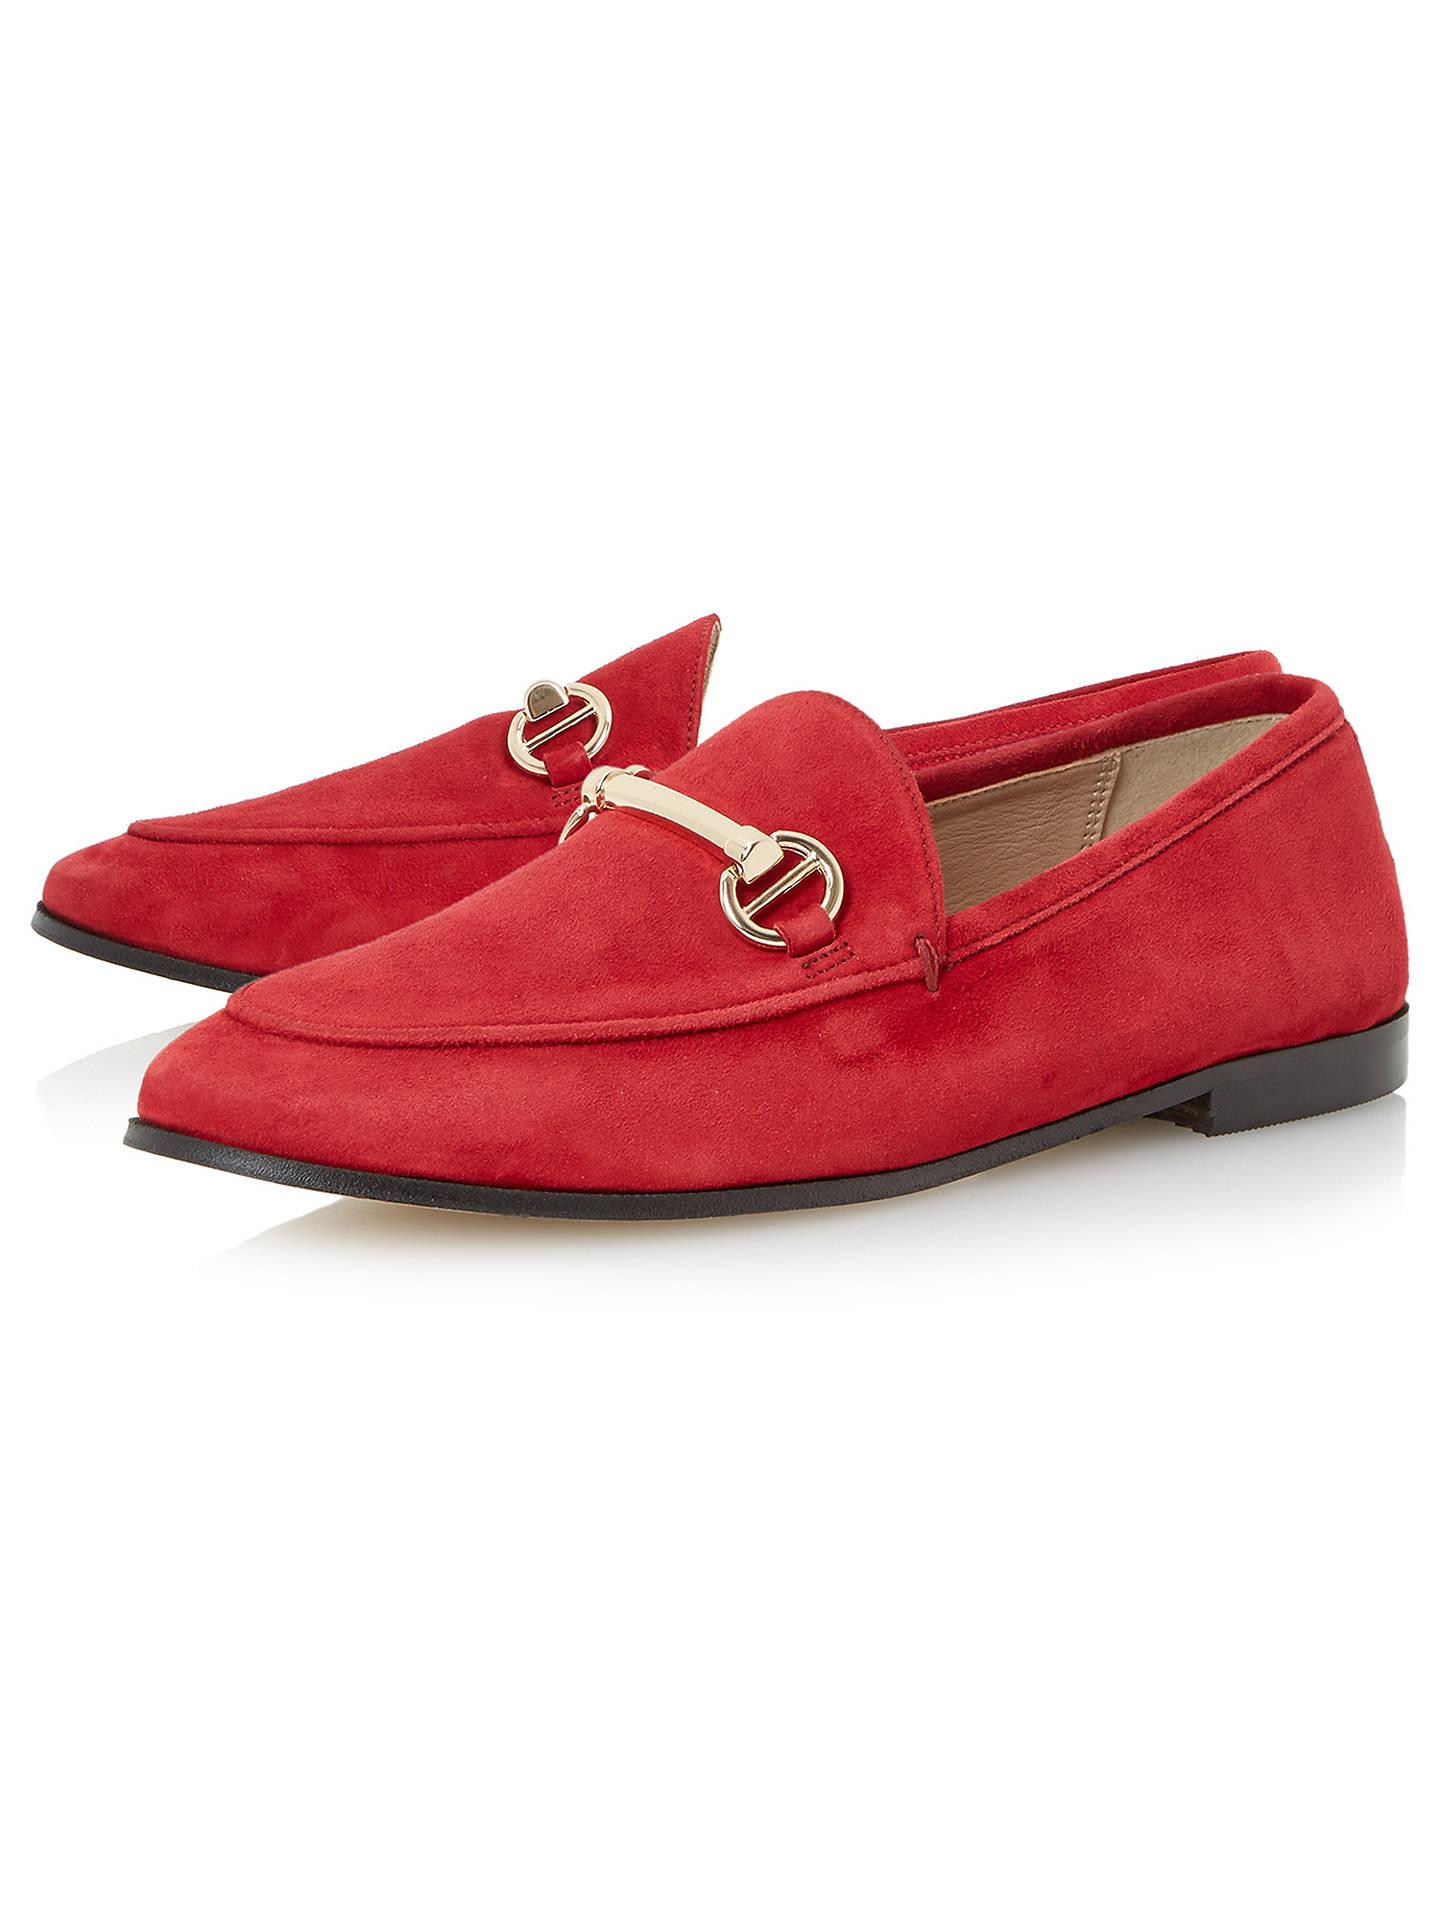 01934f195b5 ... Buy Dune Guilt Loafers